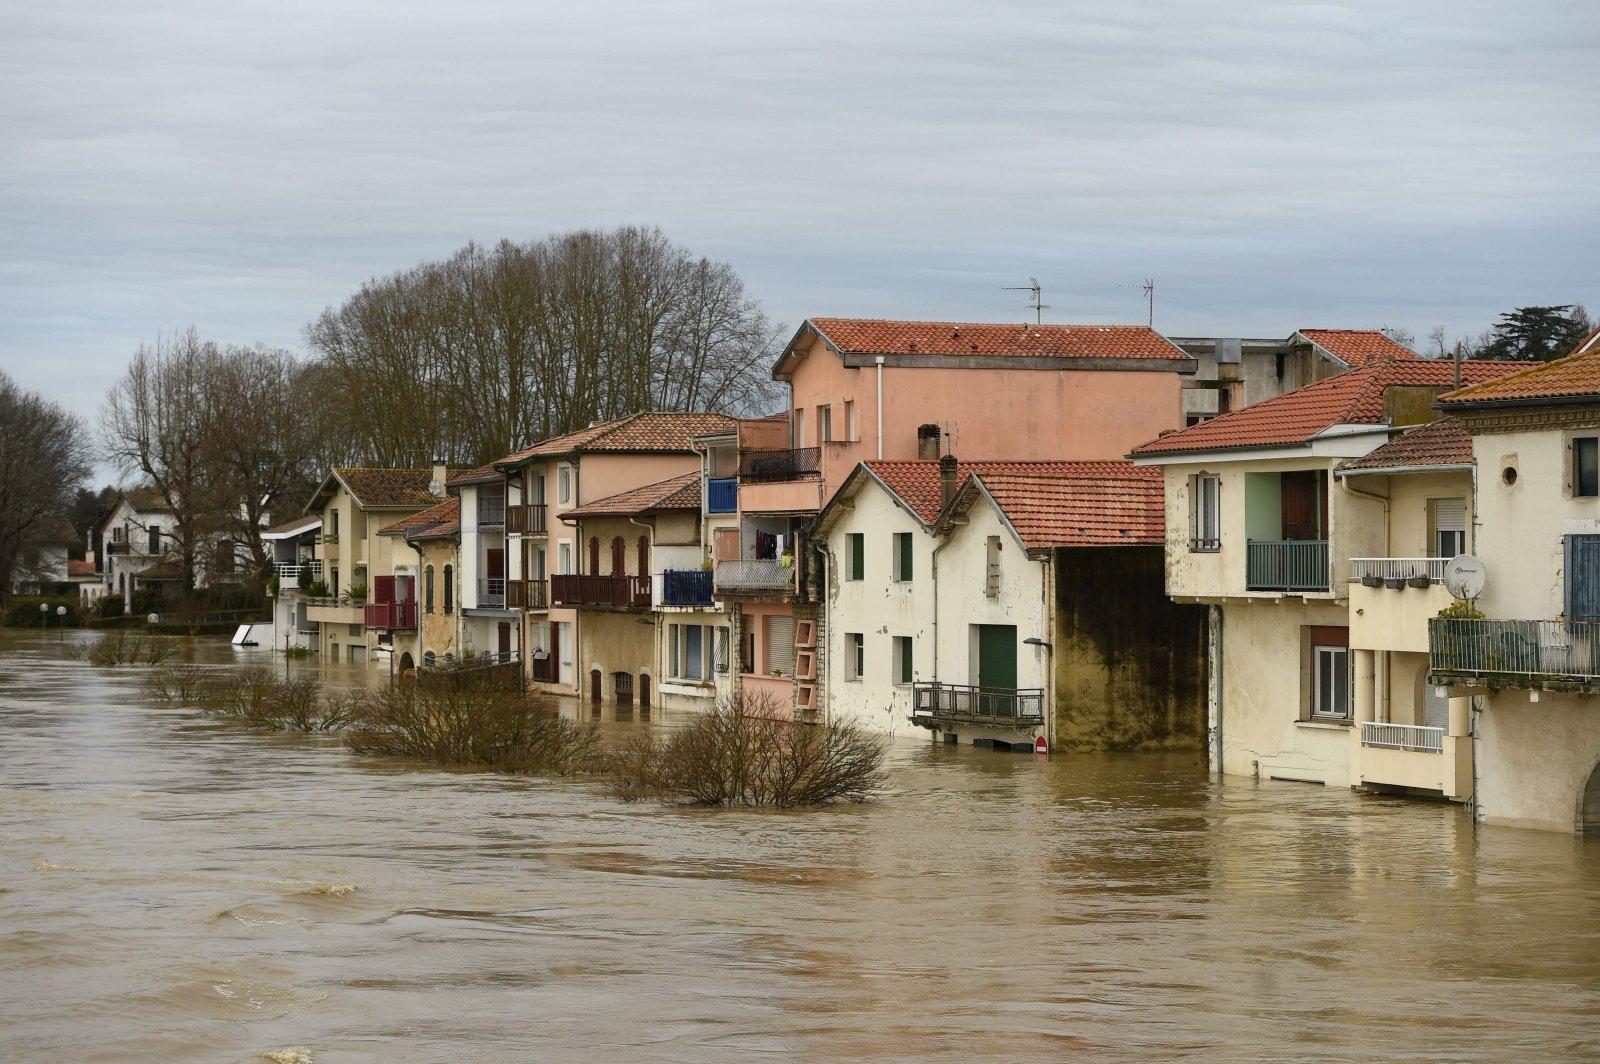 В 11 департаментах Франции введен повышенный уровень опасности из-за непогоды